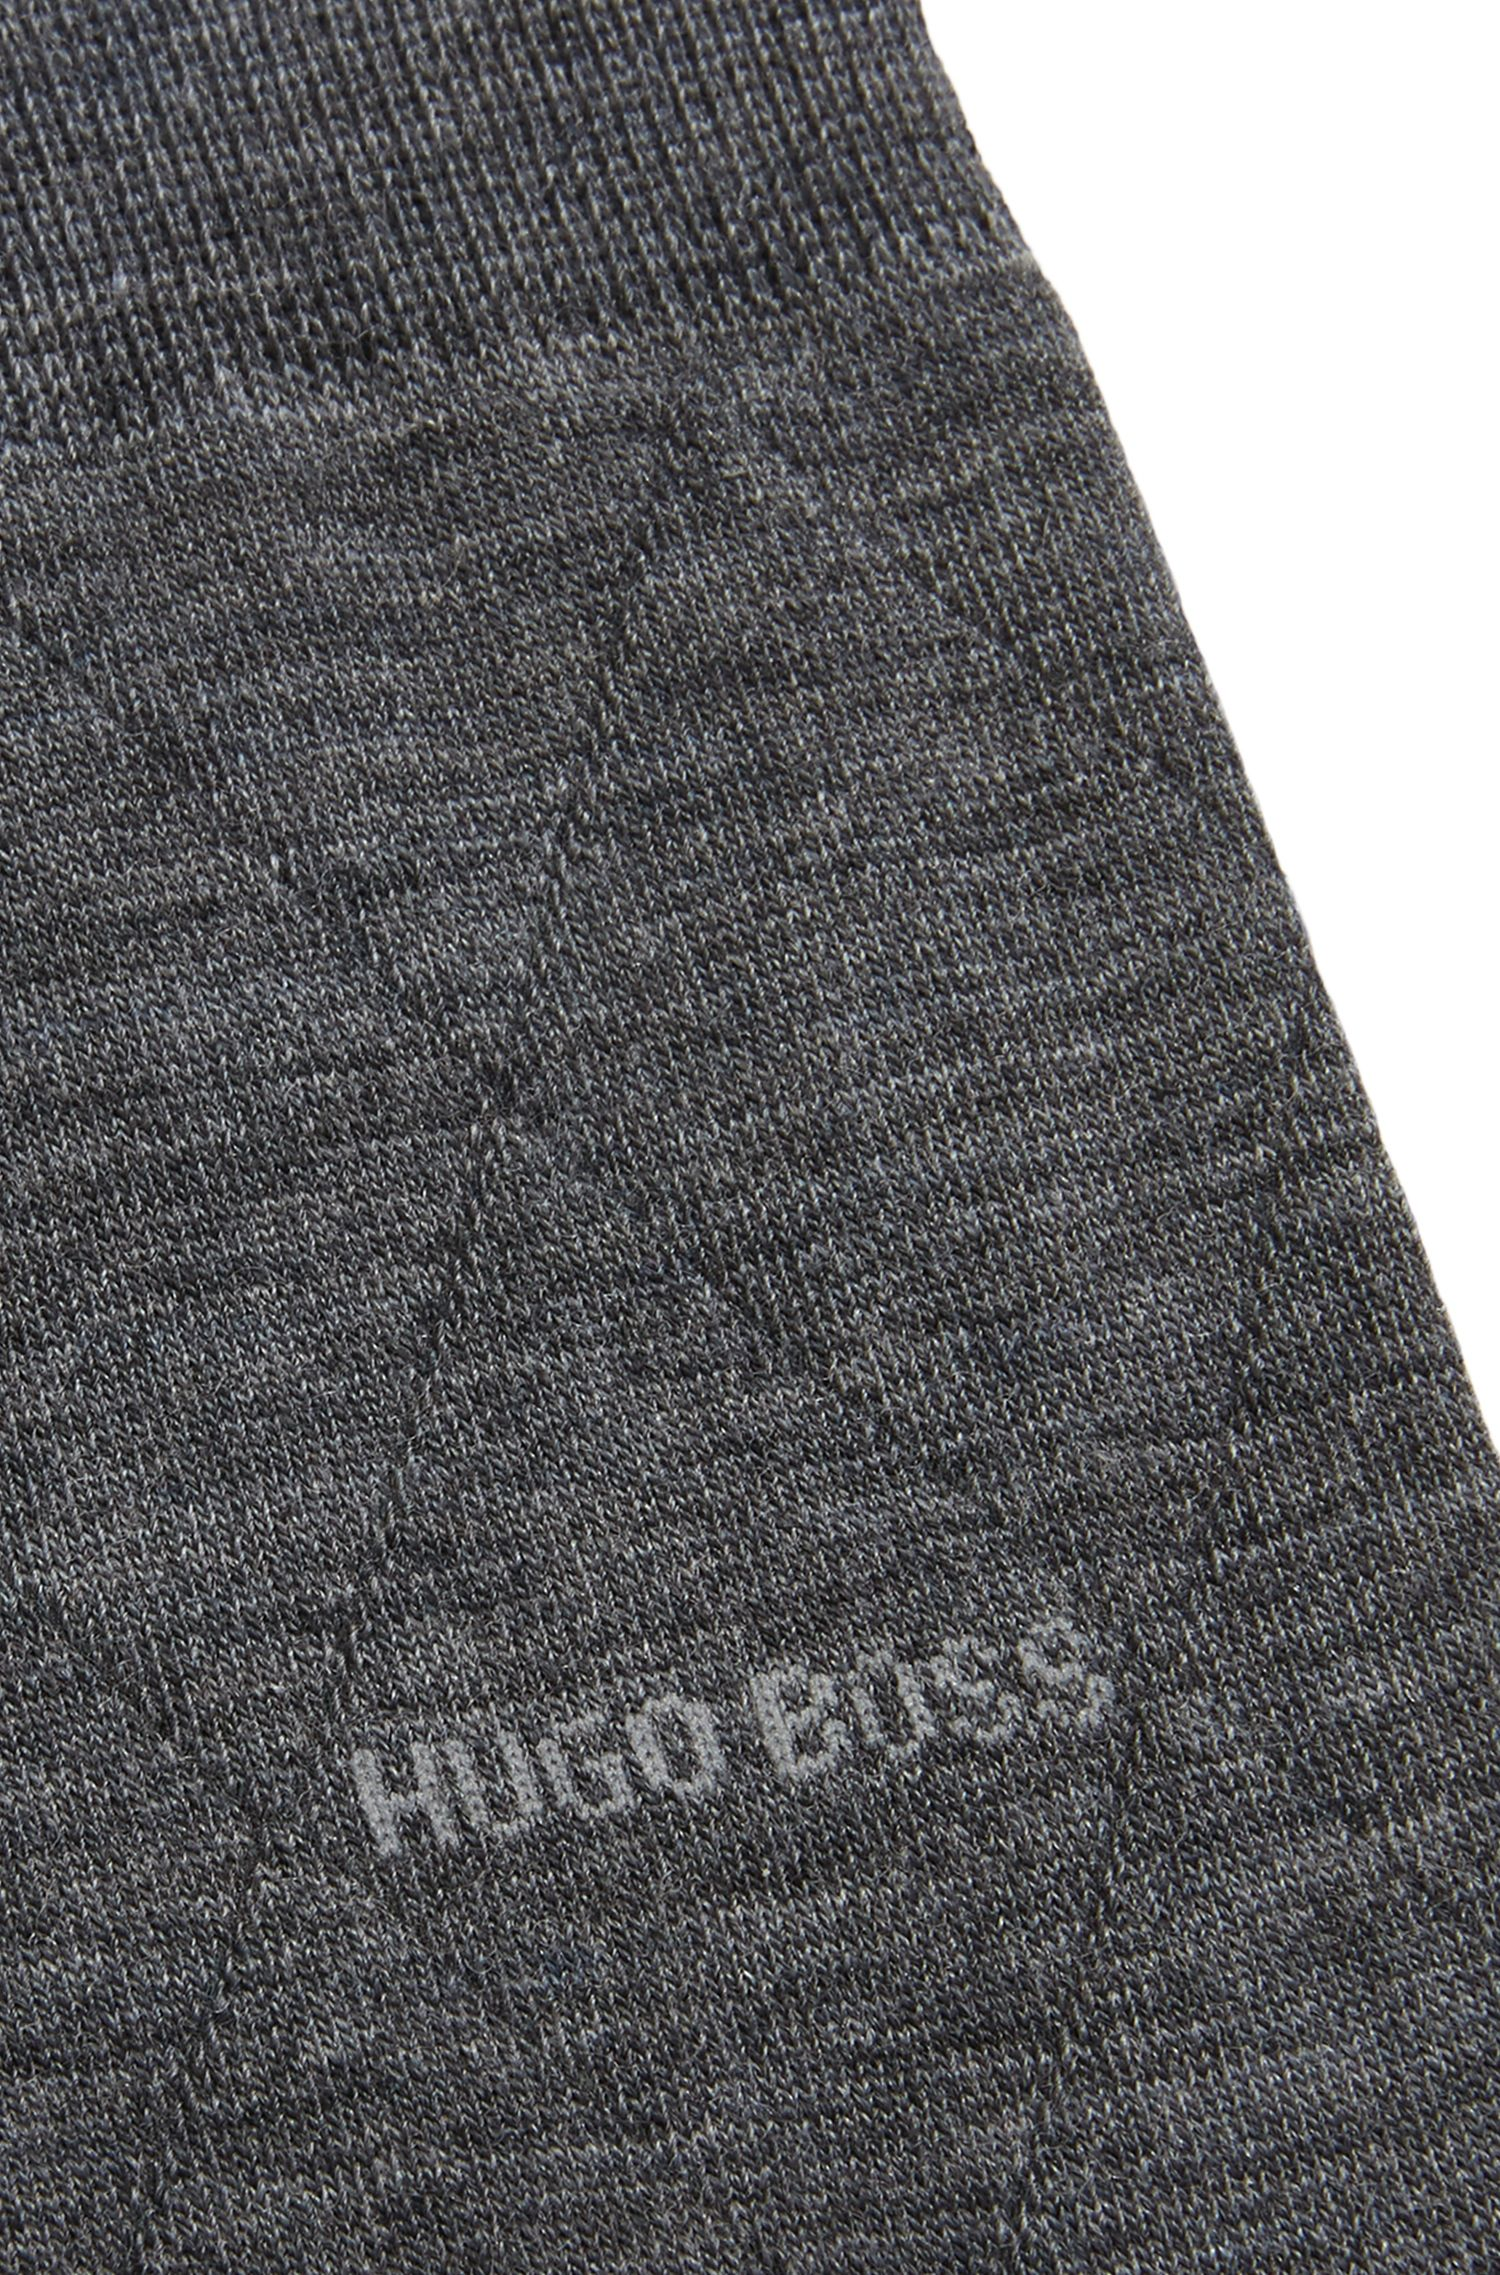 Chaussettes légères en laine mélangée stretch